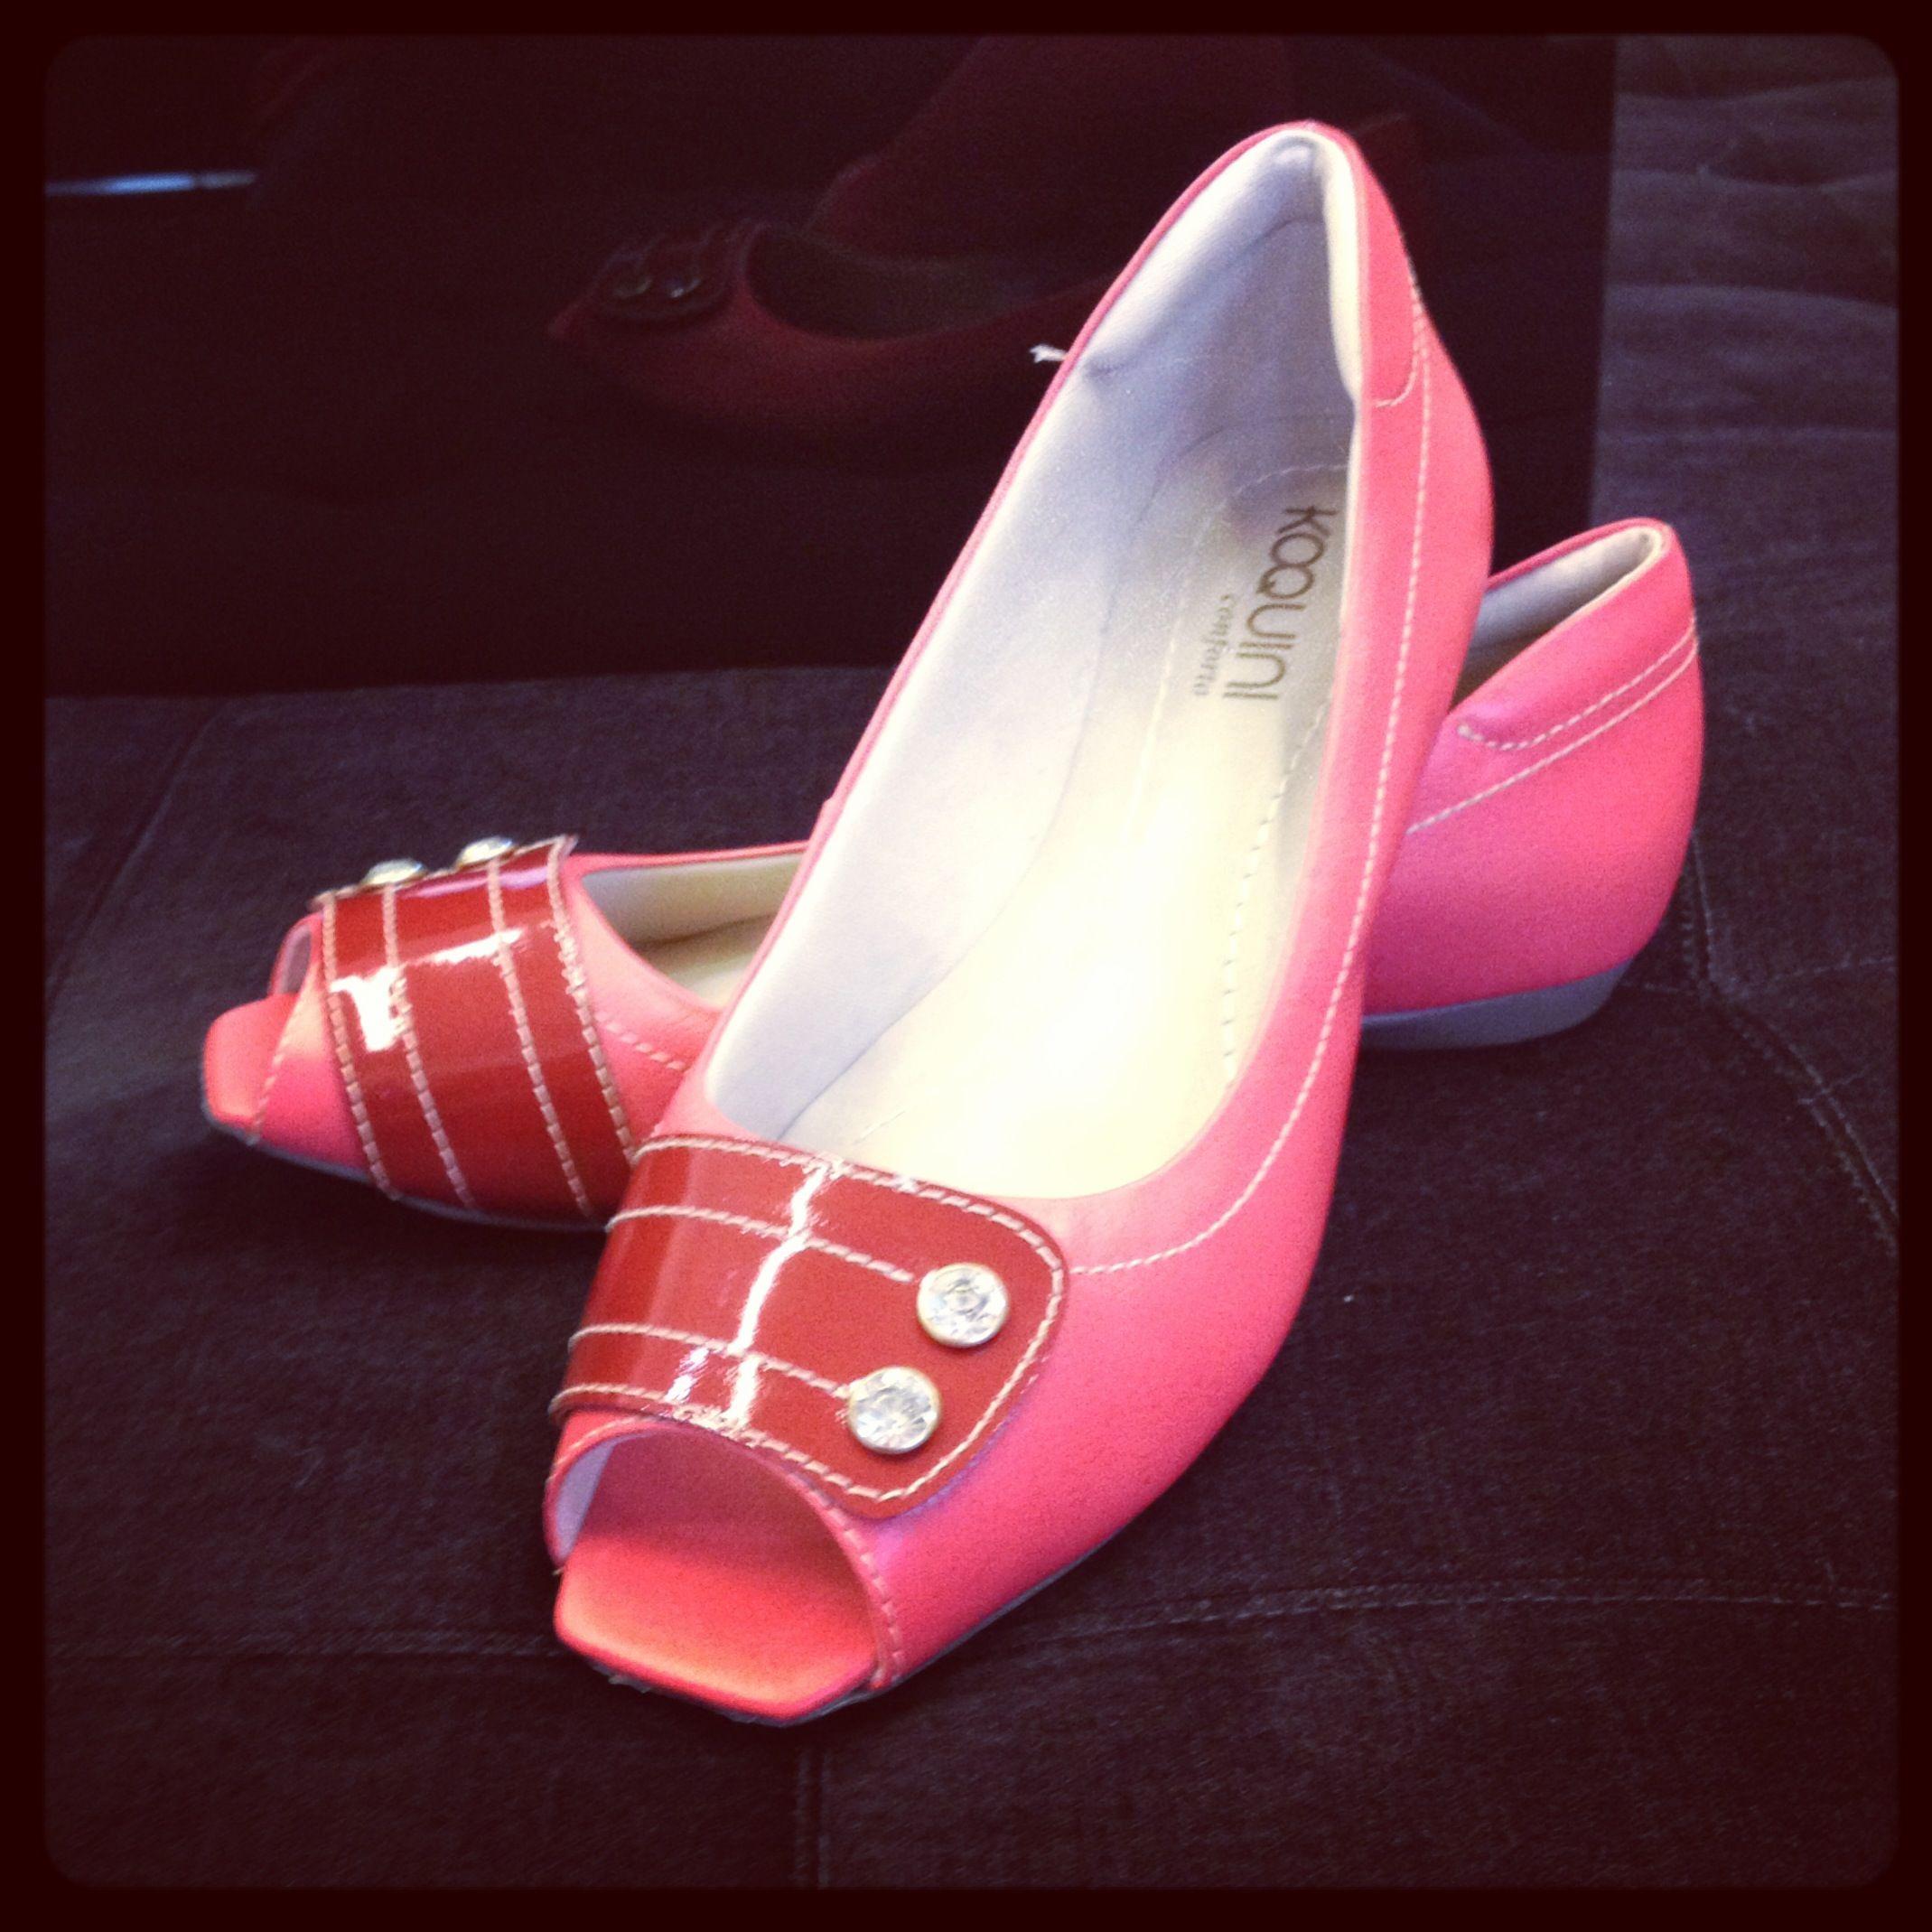 Peeptoe Conforto, já tem o seu? #koquini #sapatilhas #euquero #peeptoe #conforto